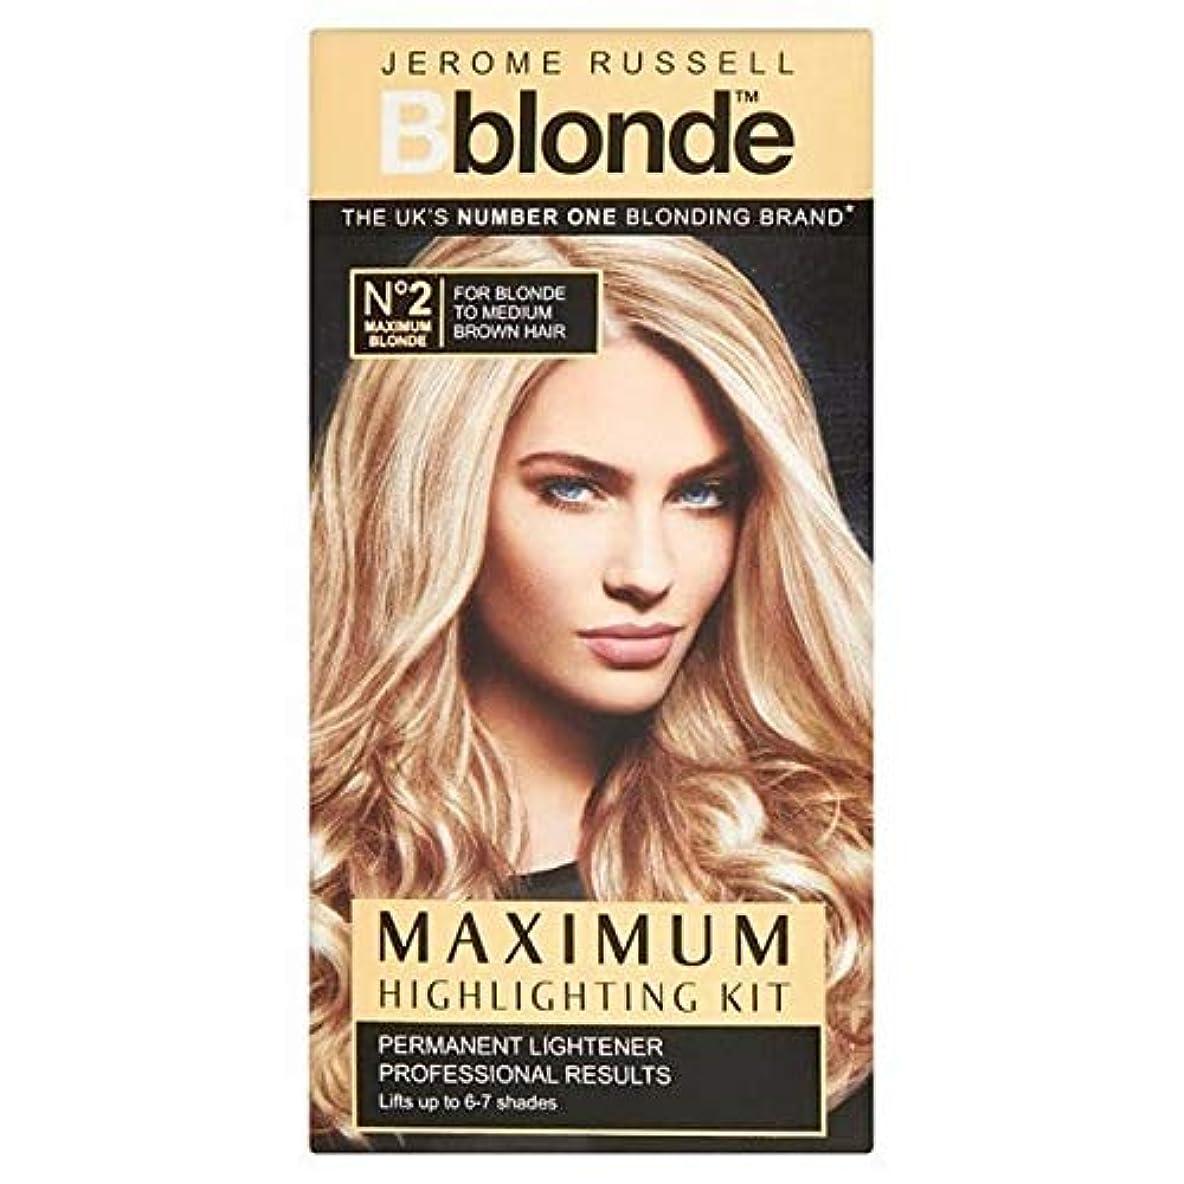 精神的にママ履歴書[B Blonde] ジェロームラッセルBblondeなし2最大のハイライトキット - Jerome Russell Bblonde No 2 Maximum Highlighting Kit [並行輸入品]